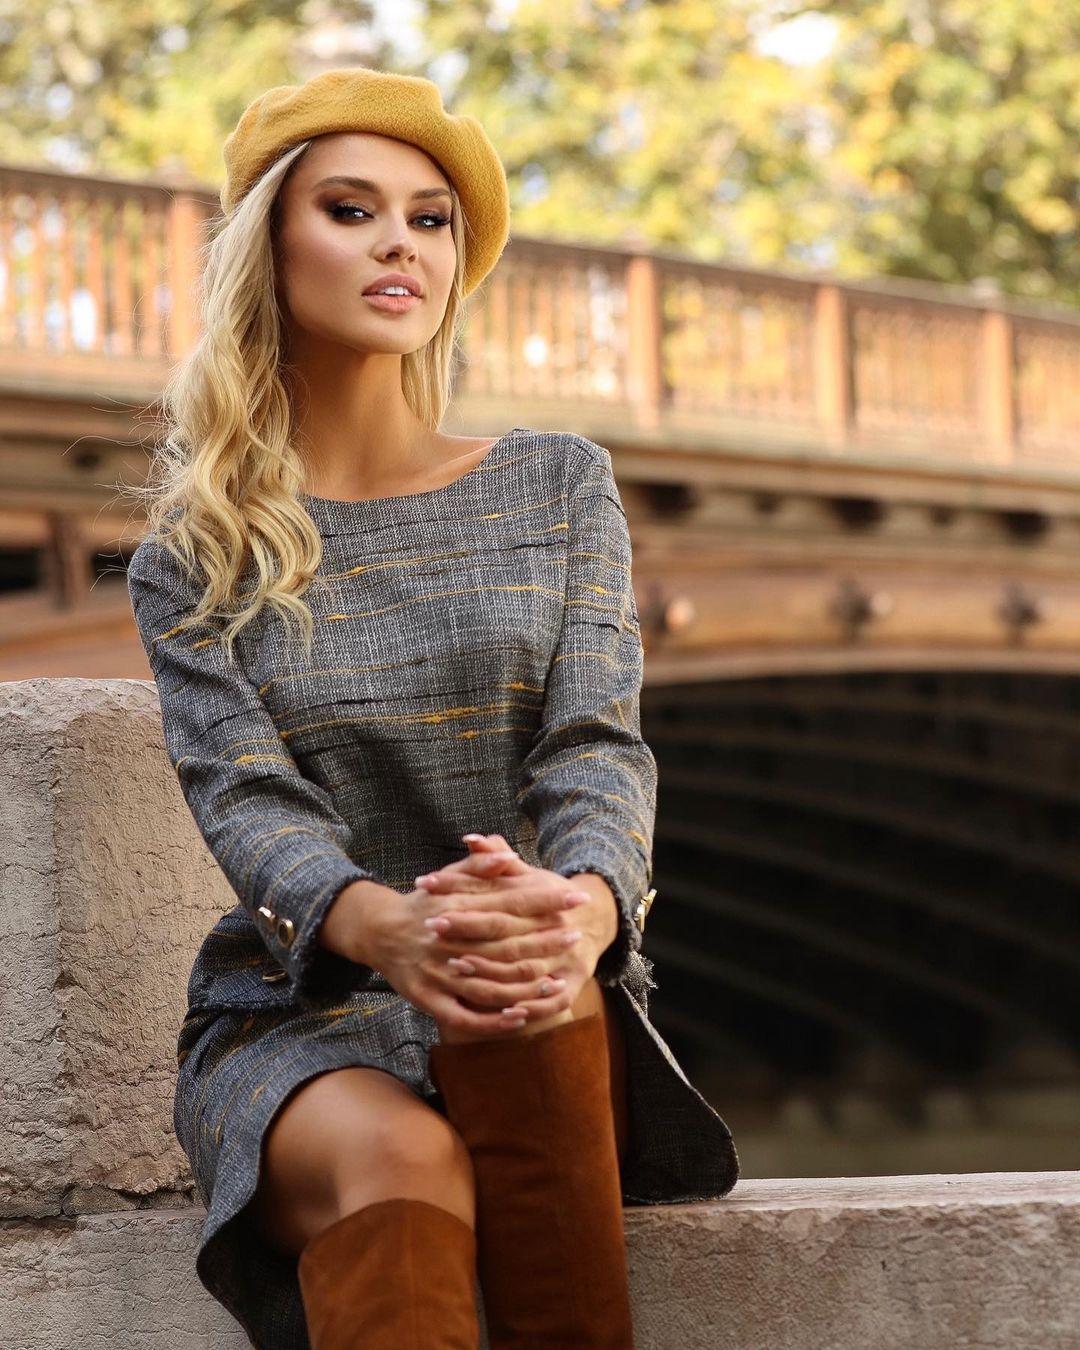 Kseniya-Belousova